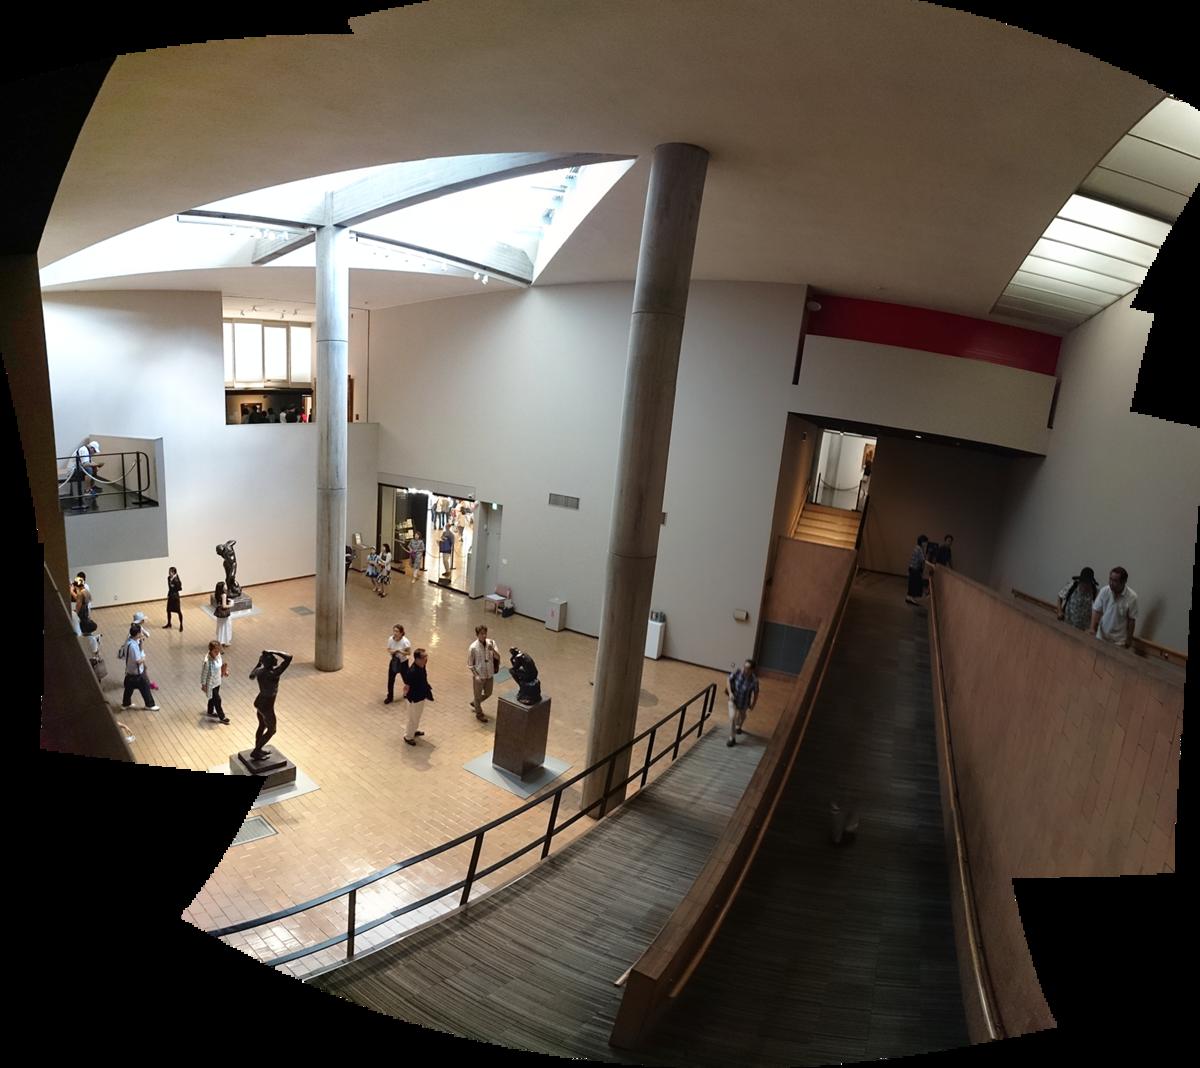 国立西洋美術館 展示室スロープ 合成